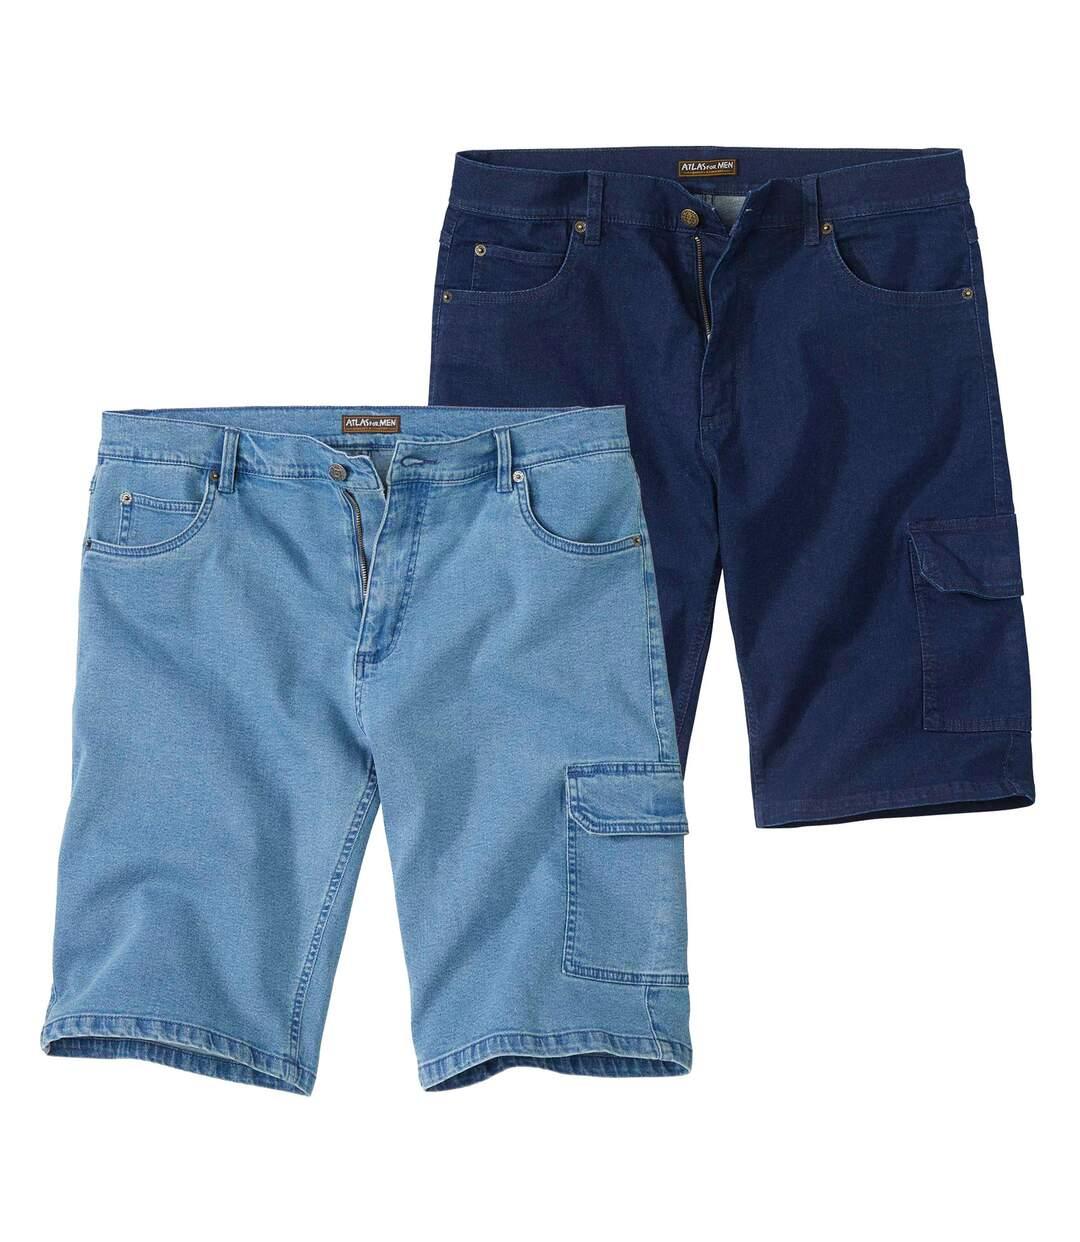 Set van 2 korte jeans broeken